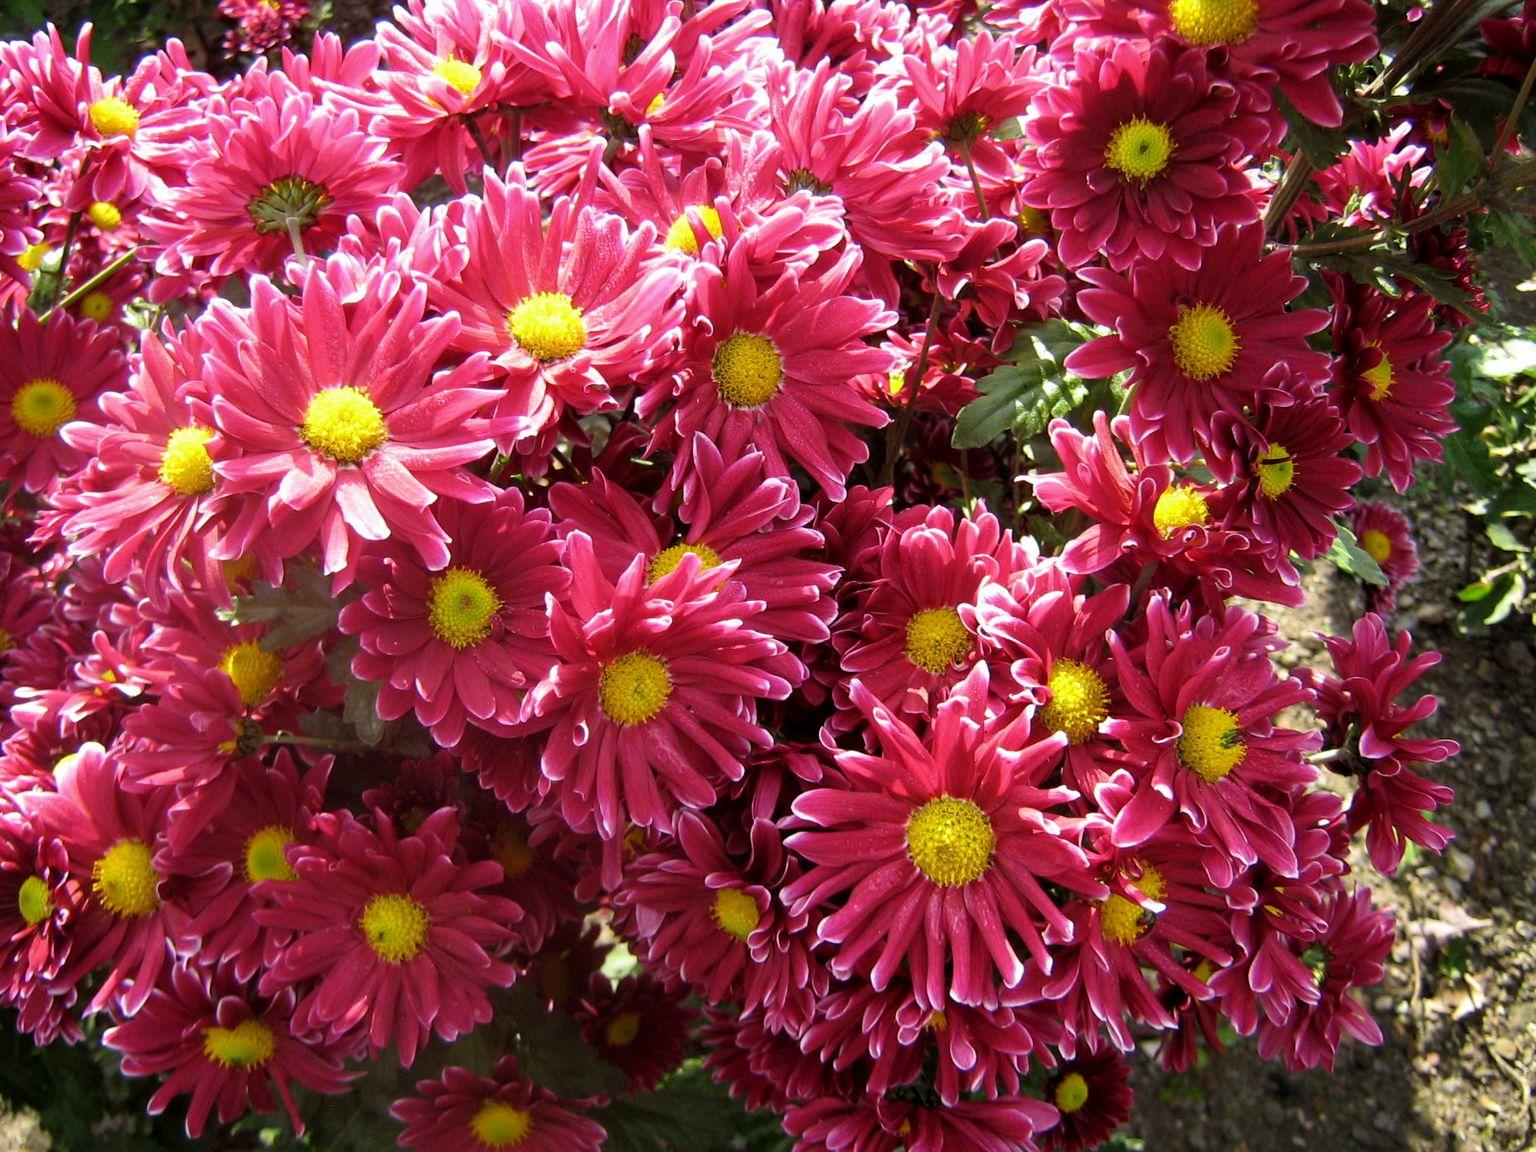 фотографии цветов хризантем выборе стихотворения для